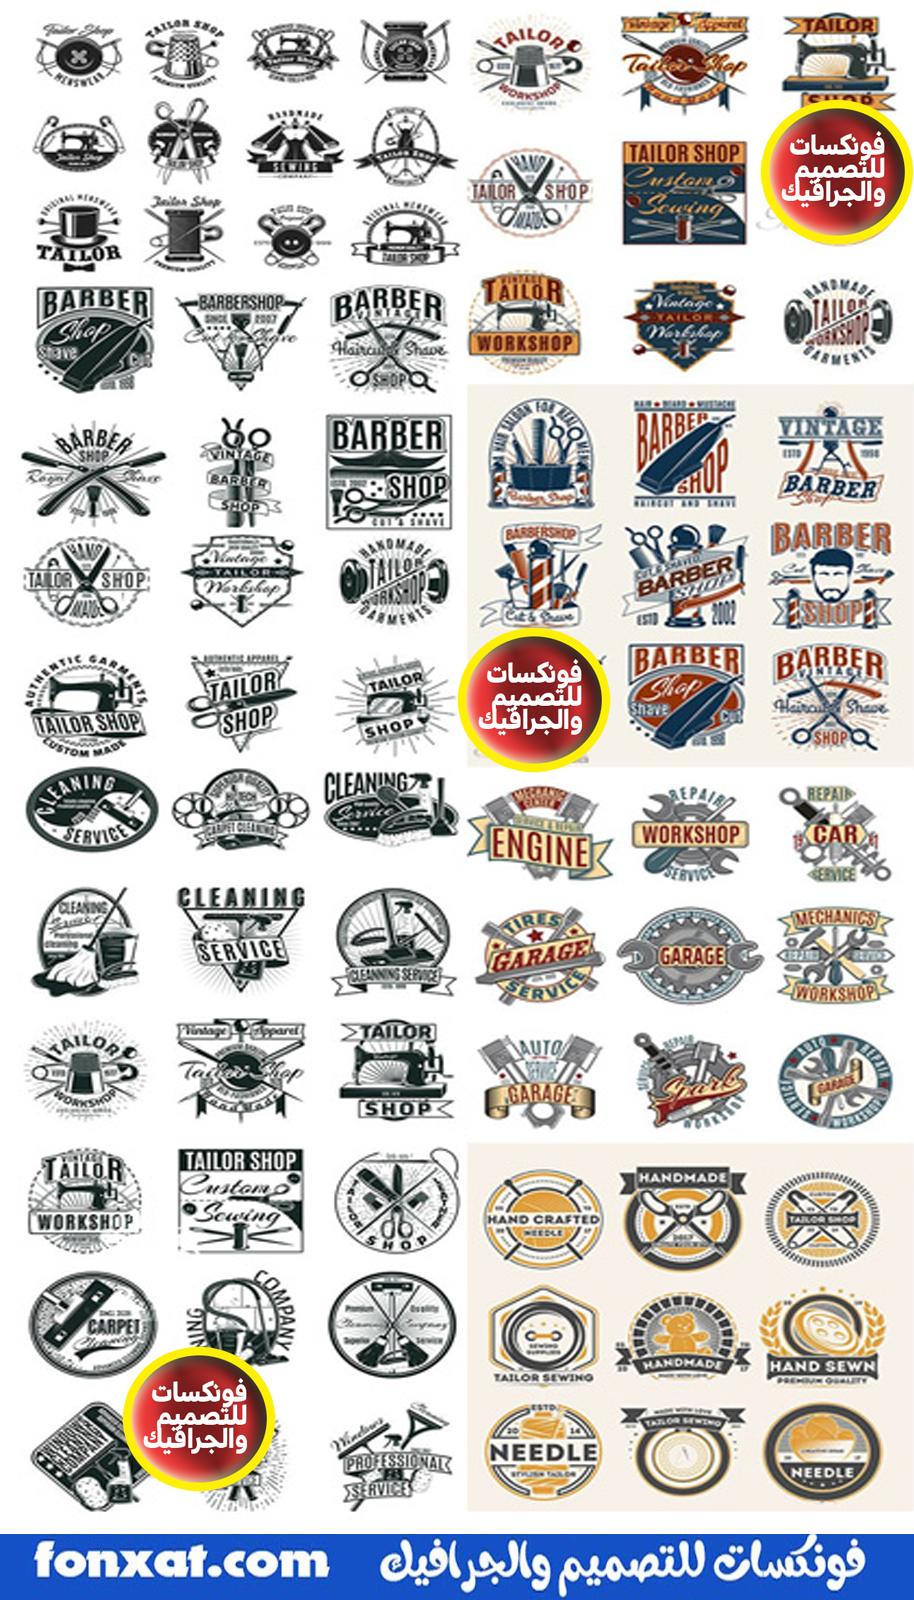 مجموعة من تصاميم لوجو نصى فيكتور باعلى جودة مجلات متنوعة